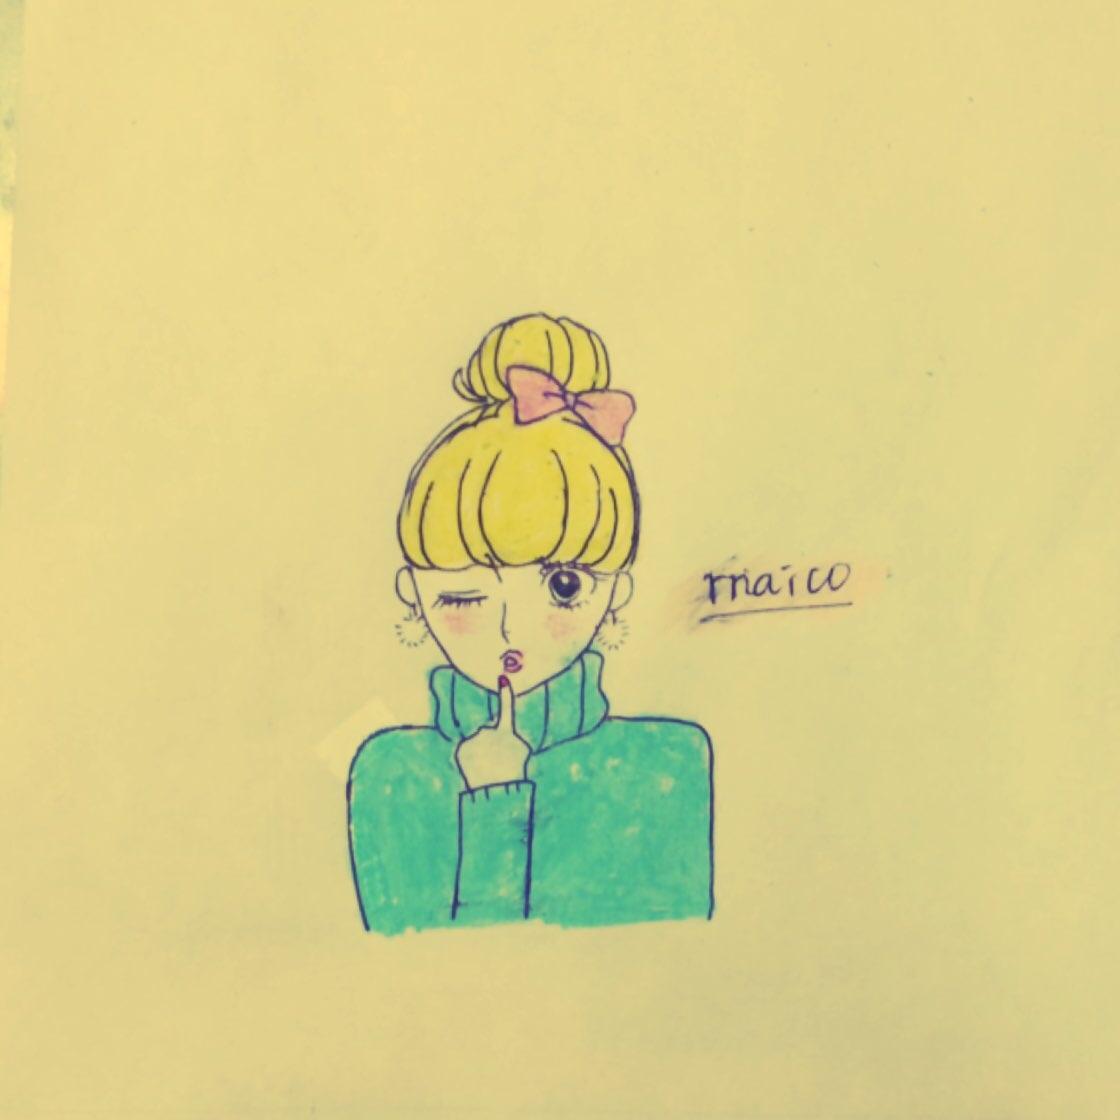 あなたの写真、発想を元に手書きでかわいいイラストを描きます^ ^